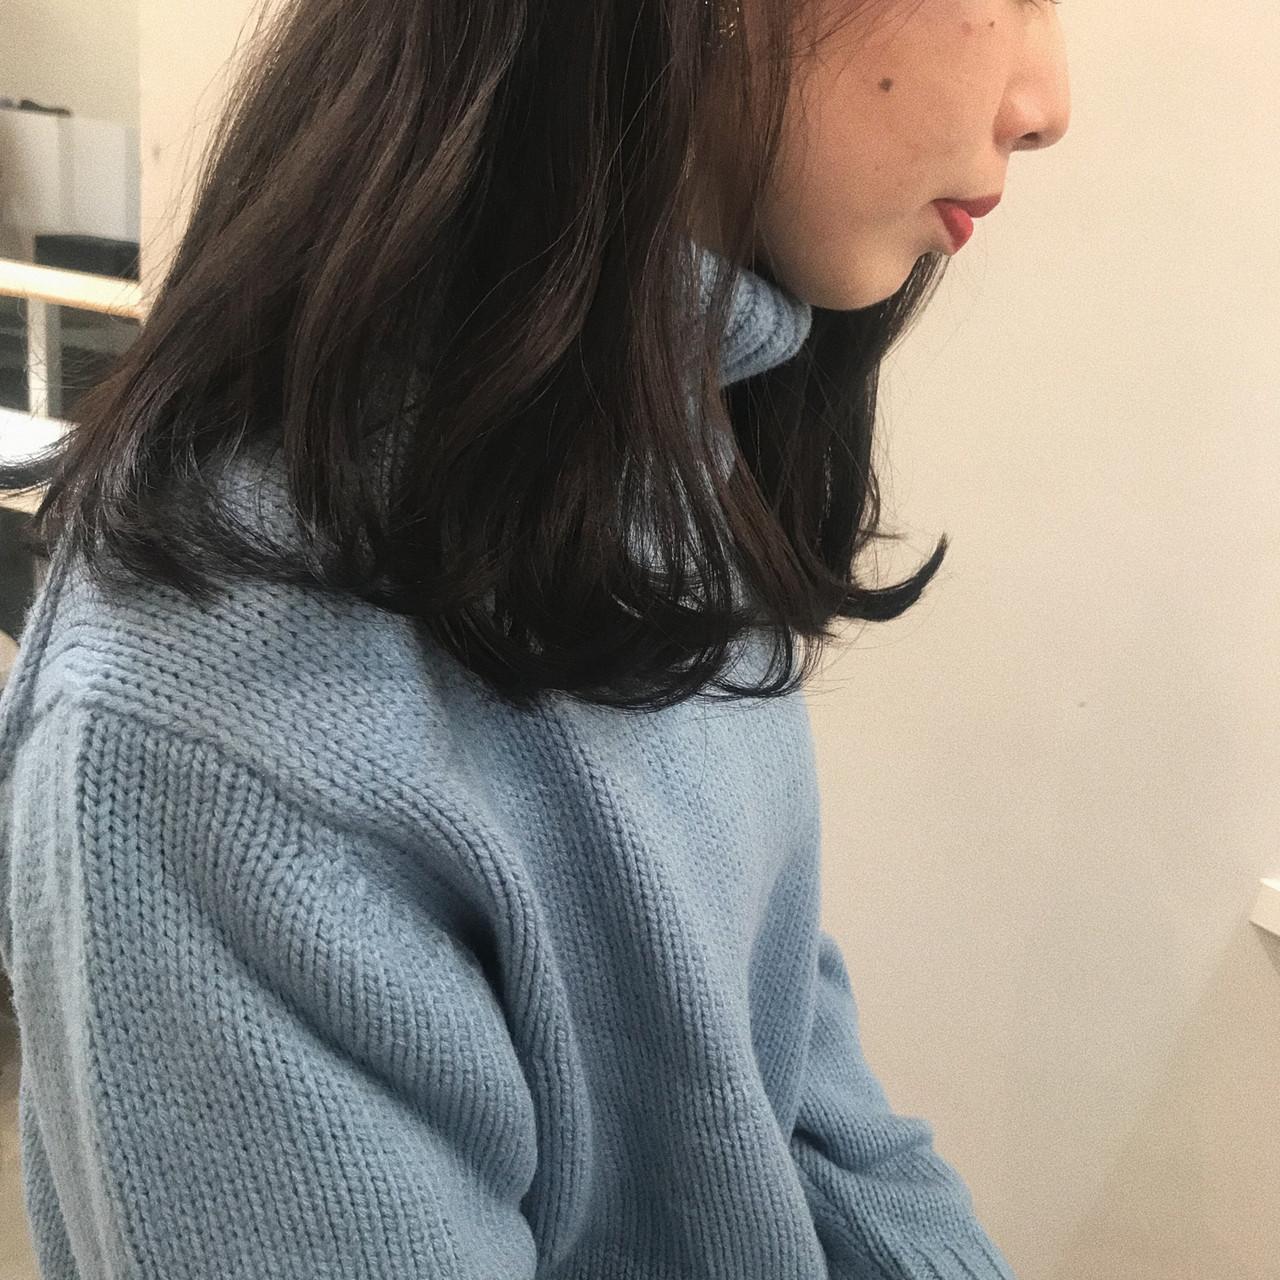 アッシュグレー ミディアム 透明感カラー オーガニックカラー ヘアスタイルや髪型の写真・画像